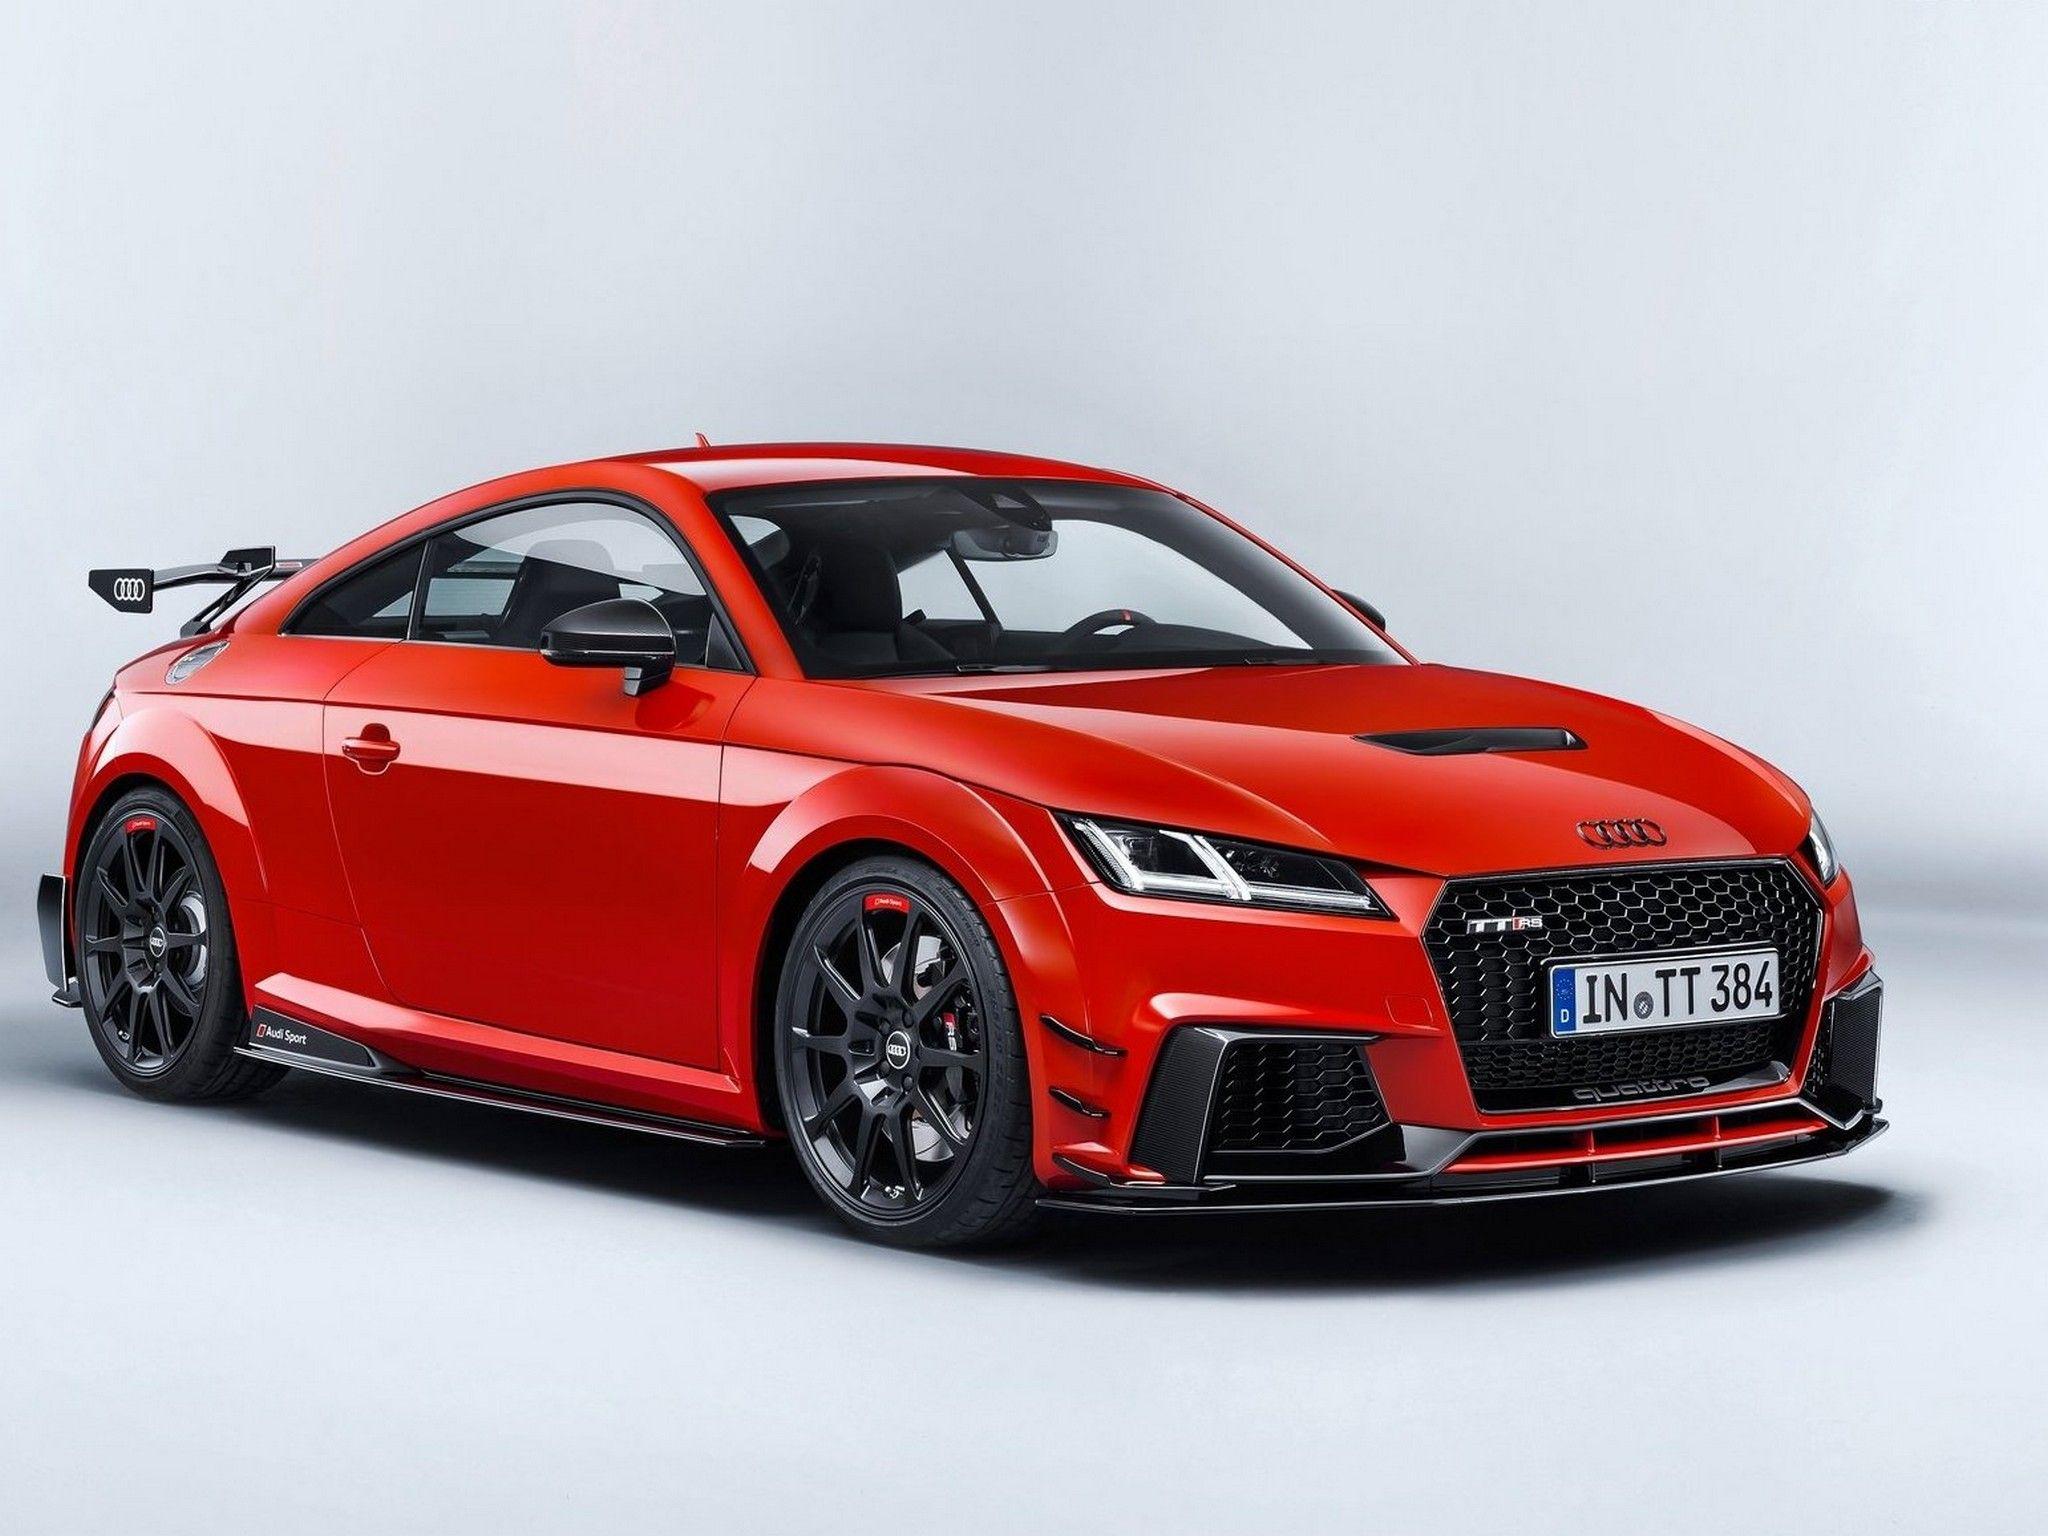 Photoscar Fonds D Ecran Photos Et Wallpapers Voitures Hd Voiture De Sport Audi Voiture Voiture Sportive